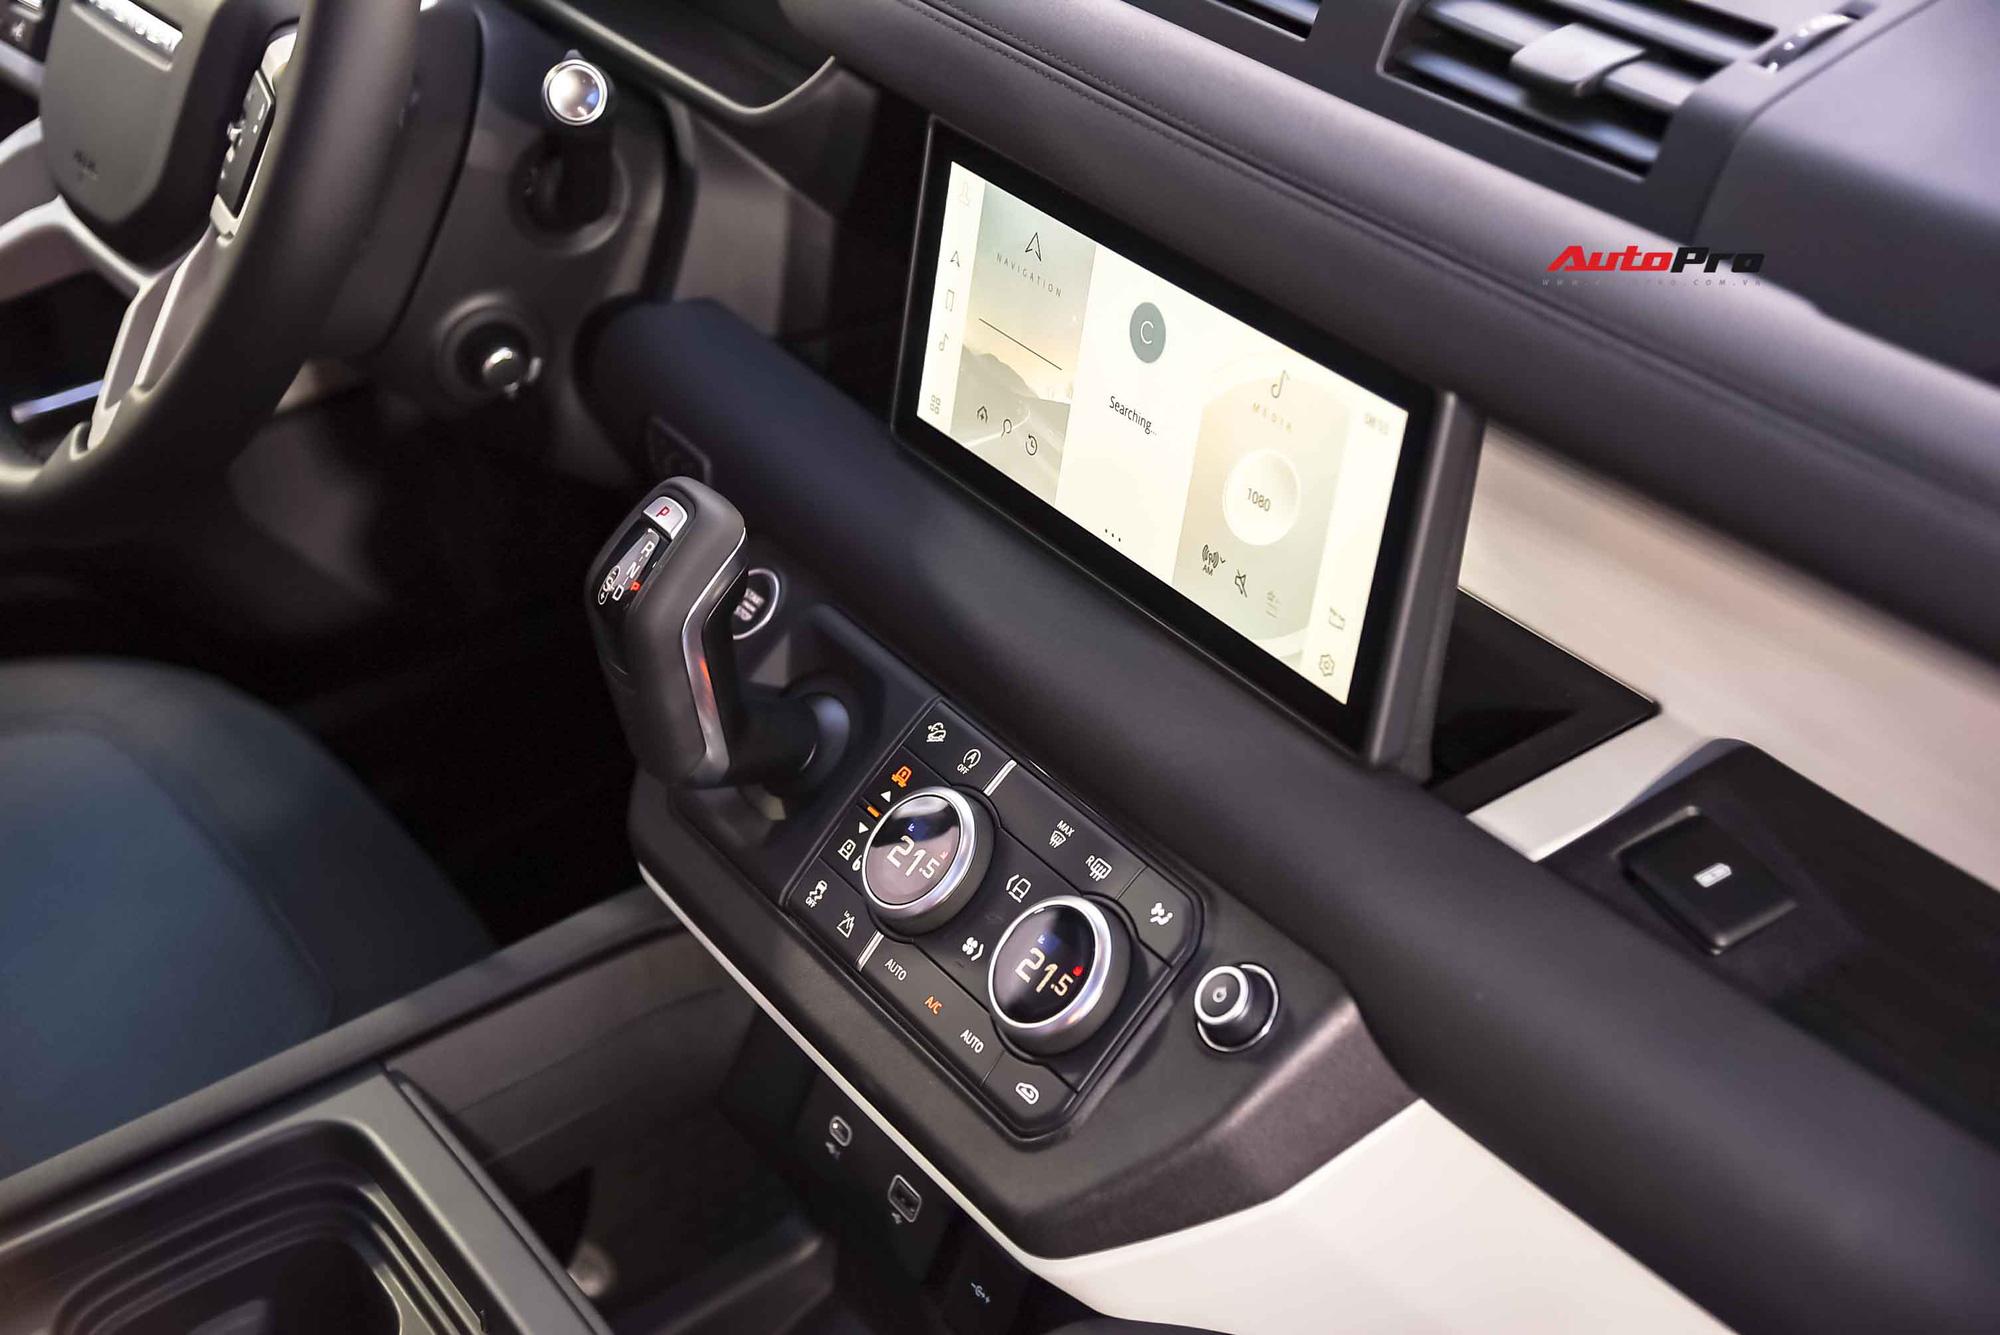 Là mẫu xe offroad nhưng Land Rover Defender không thiếu những điểm thực dụng như hàng loạt hộc để đồ, ví dụ như vị trí sau màn hình giải trí.